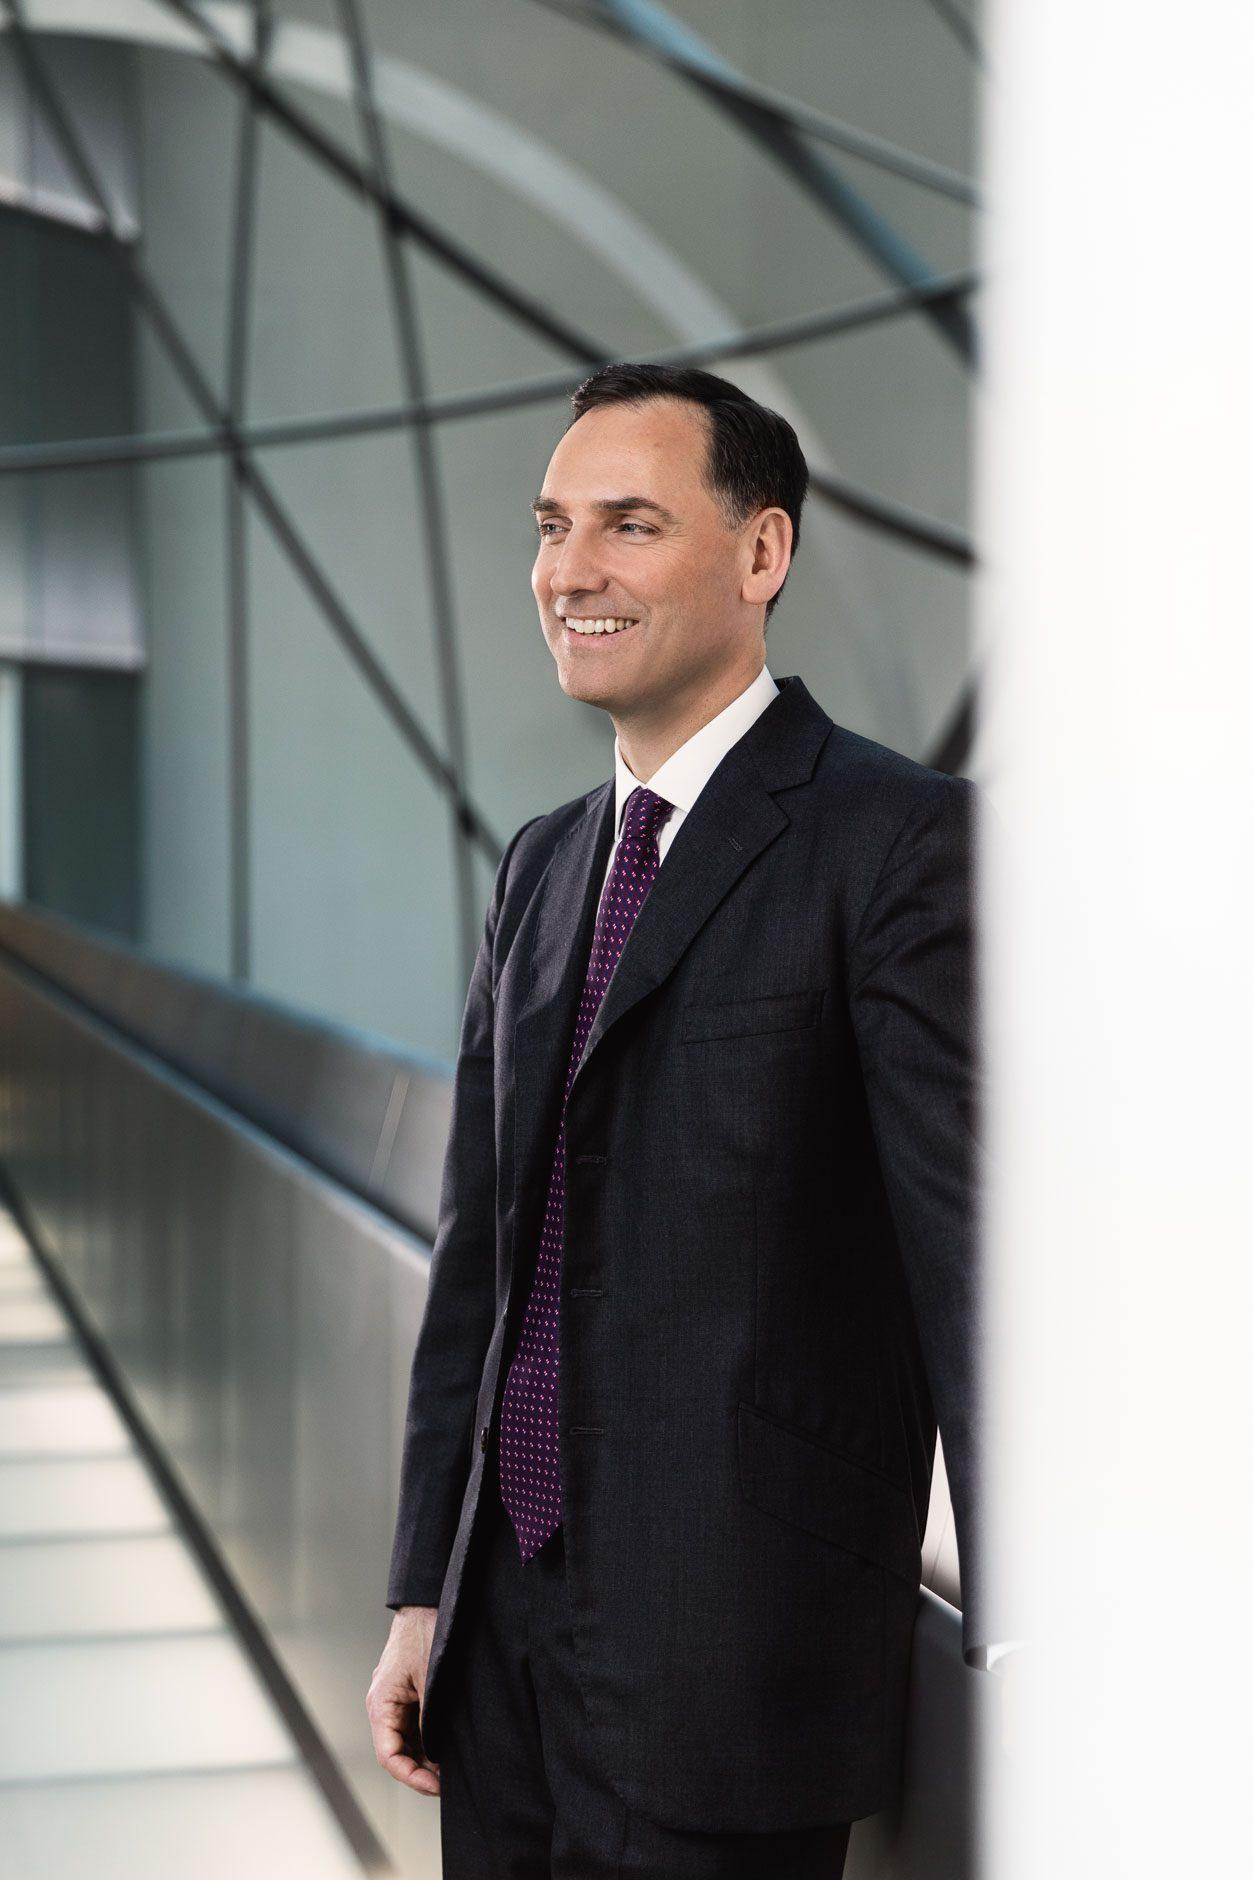 Businessporträt James von Moltke, Vorstand Deutsche Bank AG, Frankfurt am Main